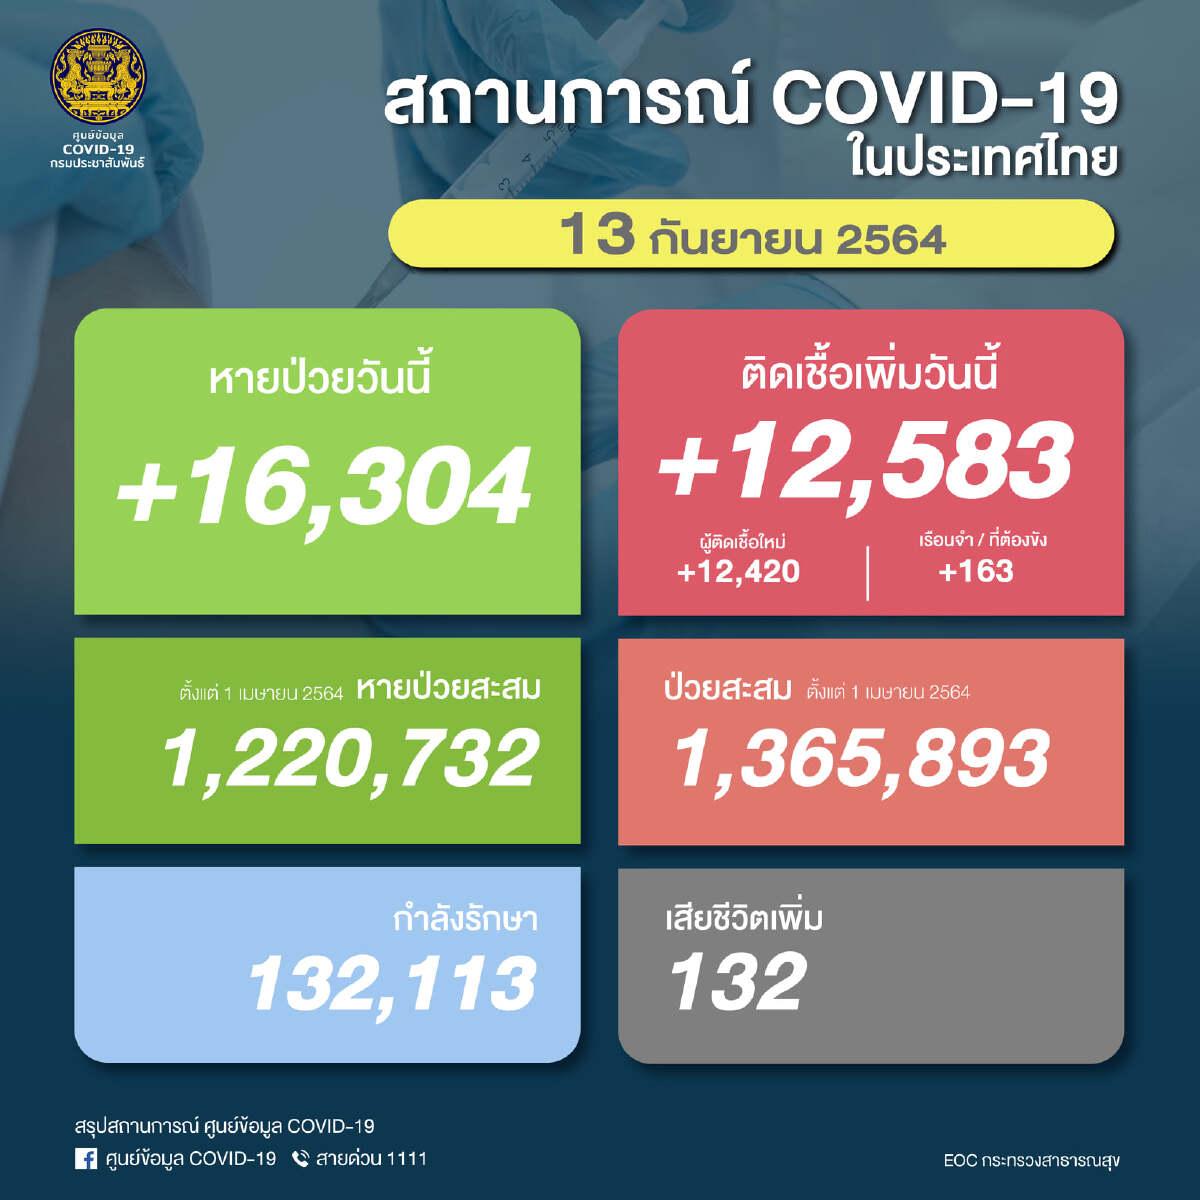 ด่วน! ยอด โควิด-19 วันนี้ พบติดเชื้อเพิ่ม 12,583 ราย เสียชีวิต 132